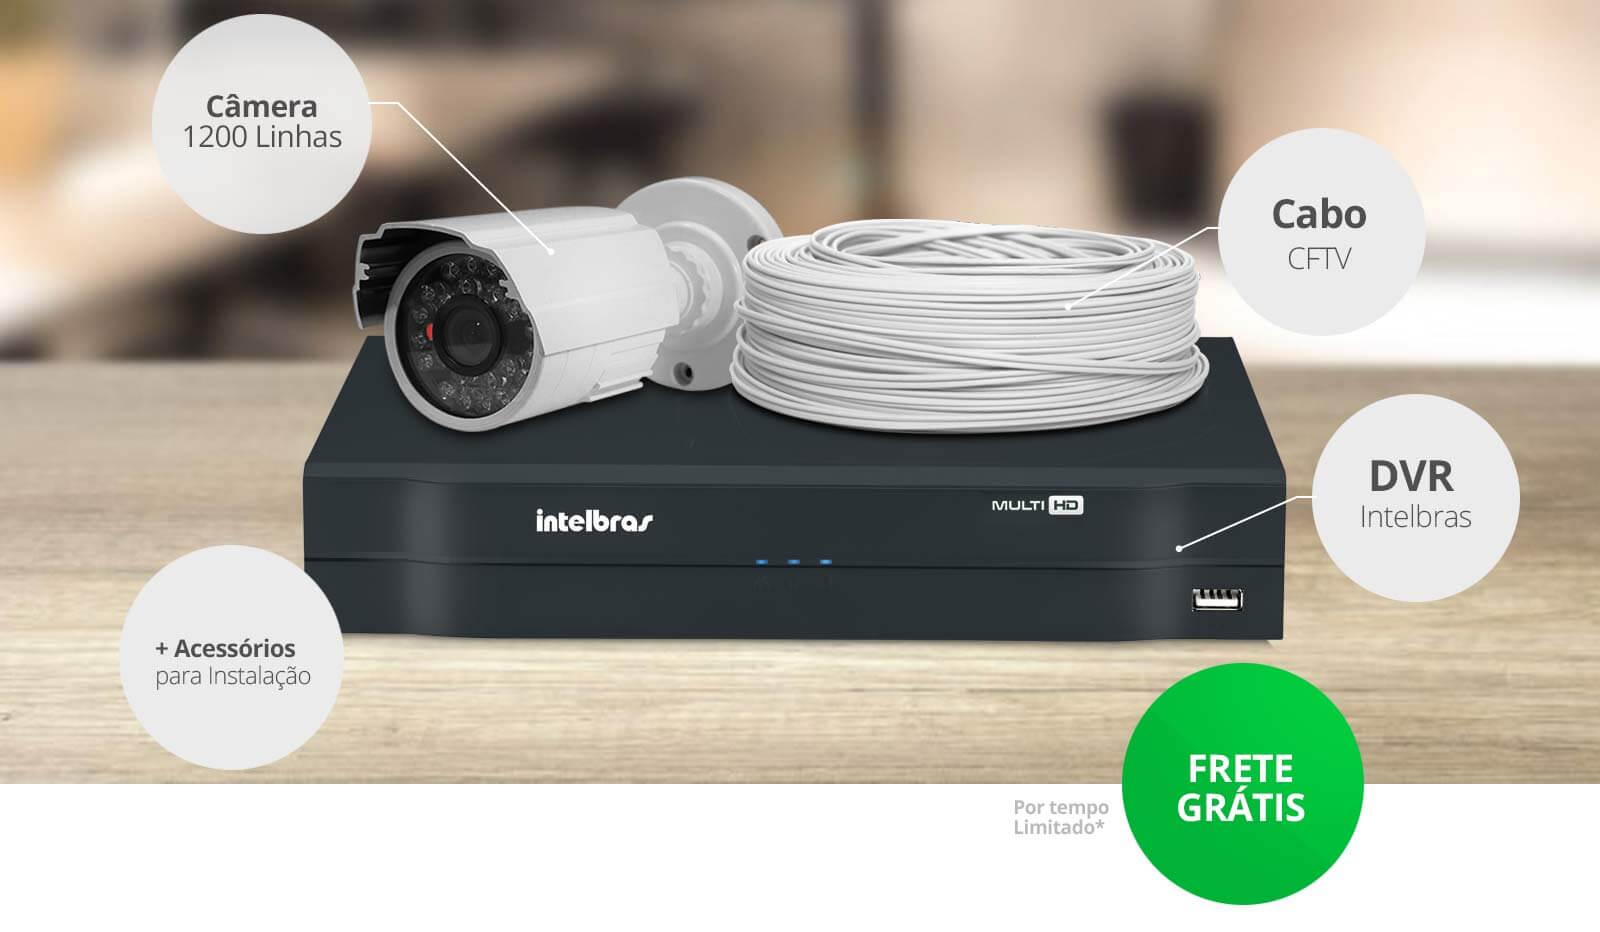 KIT Monitoramento com Câmeras 1200 Linhas + DVR Intelbras + Acessórios